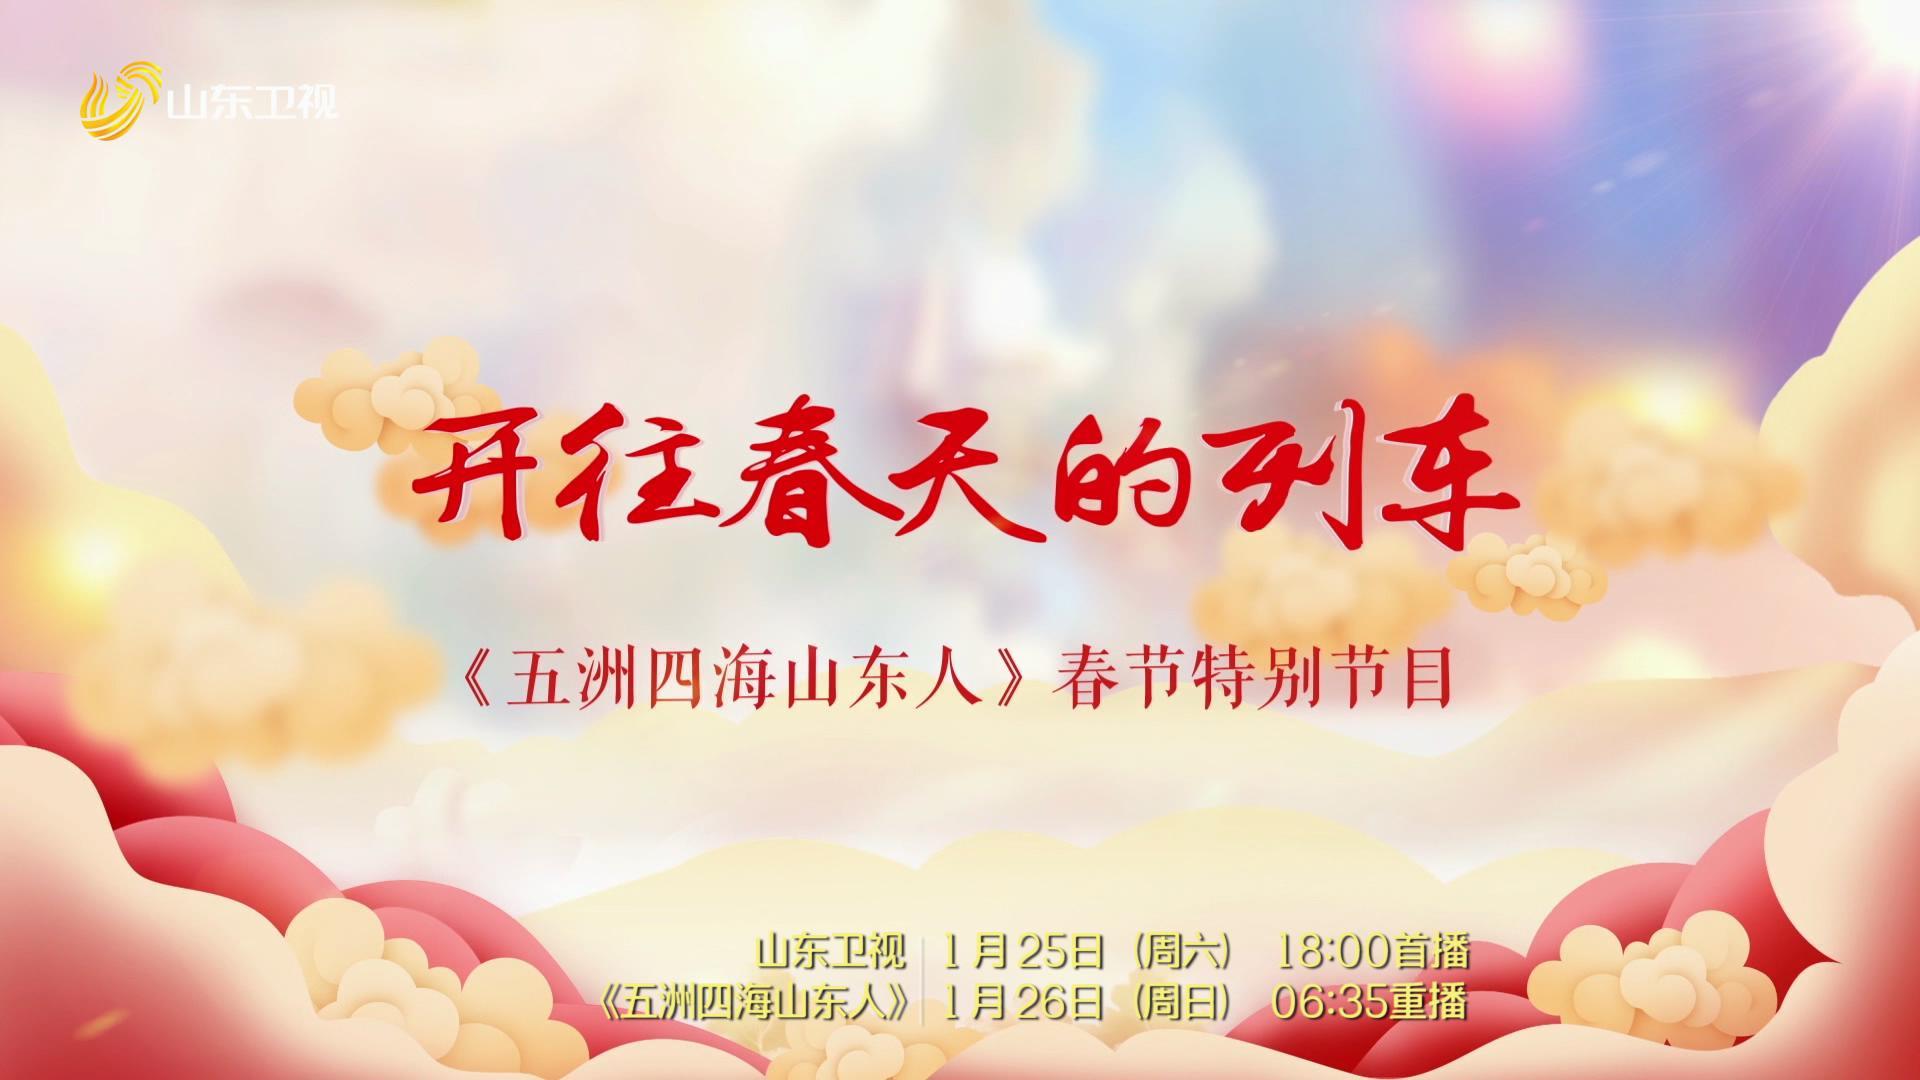 《五洲四海山东人》春节特别节目——开往春天的列车